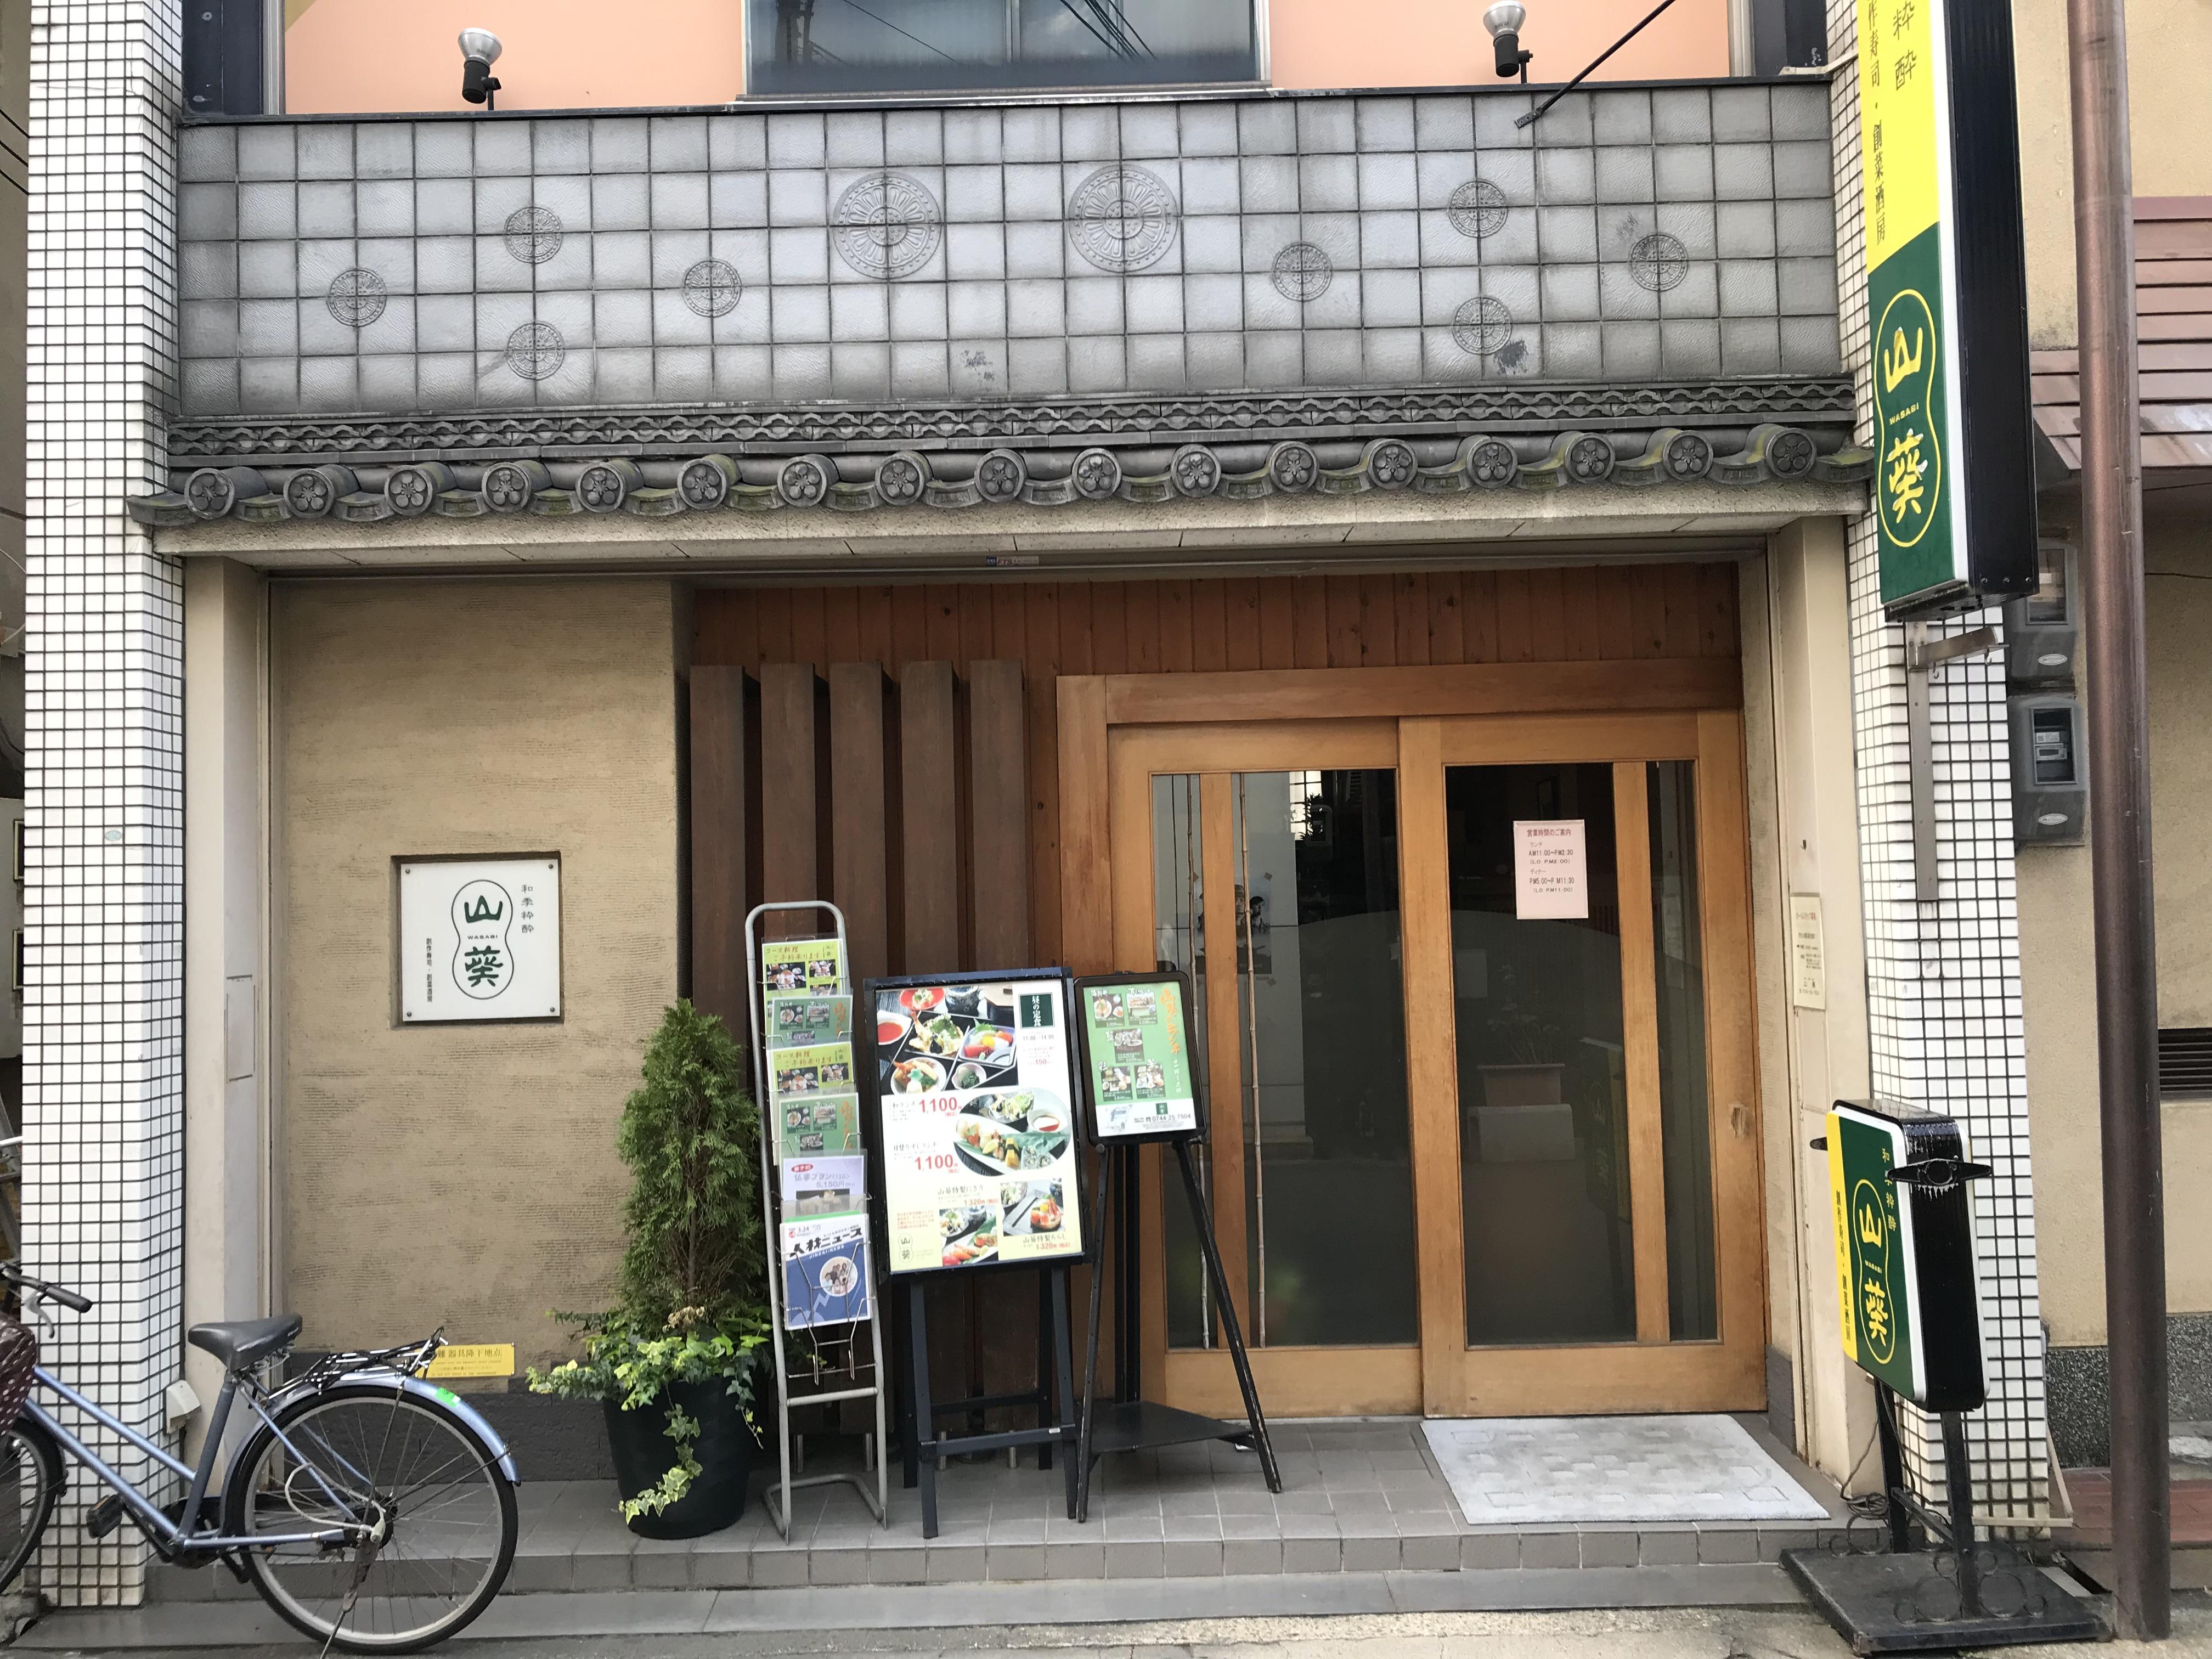 大和八木駅近くの山葵の外観を正面から